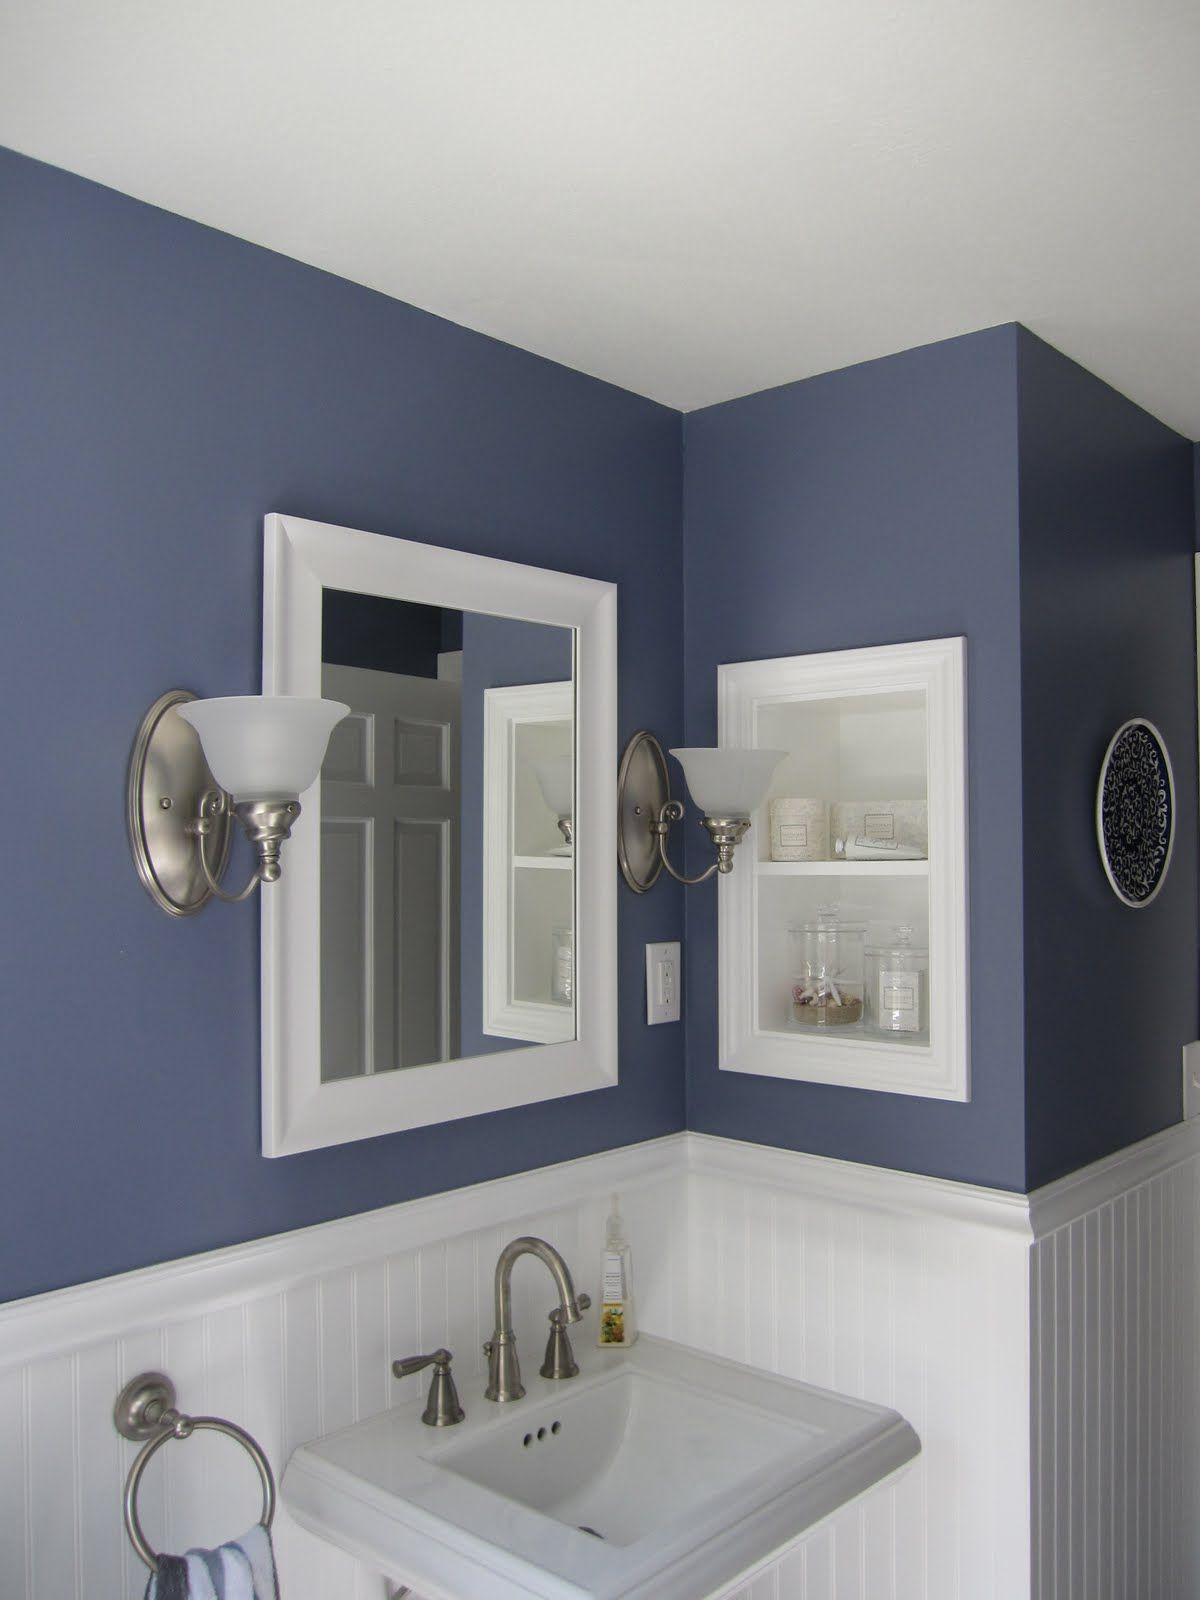 Half Bath Remodel Before And After  Half Baths Tile Flooring Inspiration Bathroom Remodel Seattle Inspiration Design